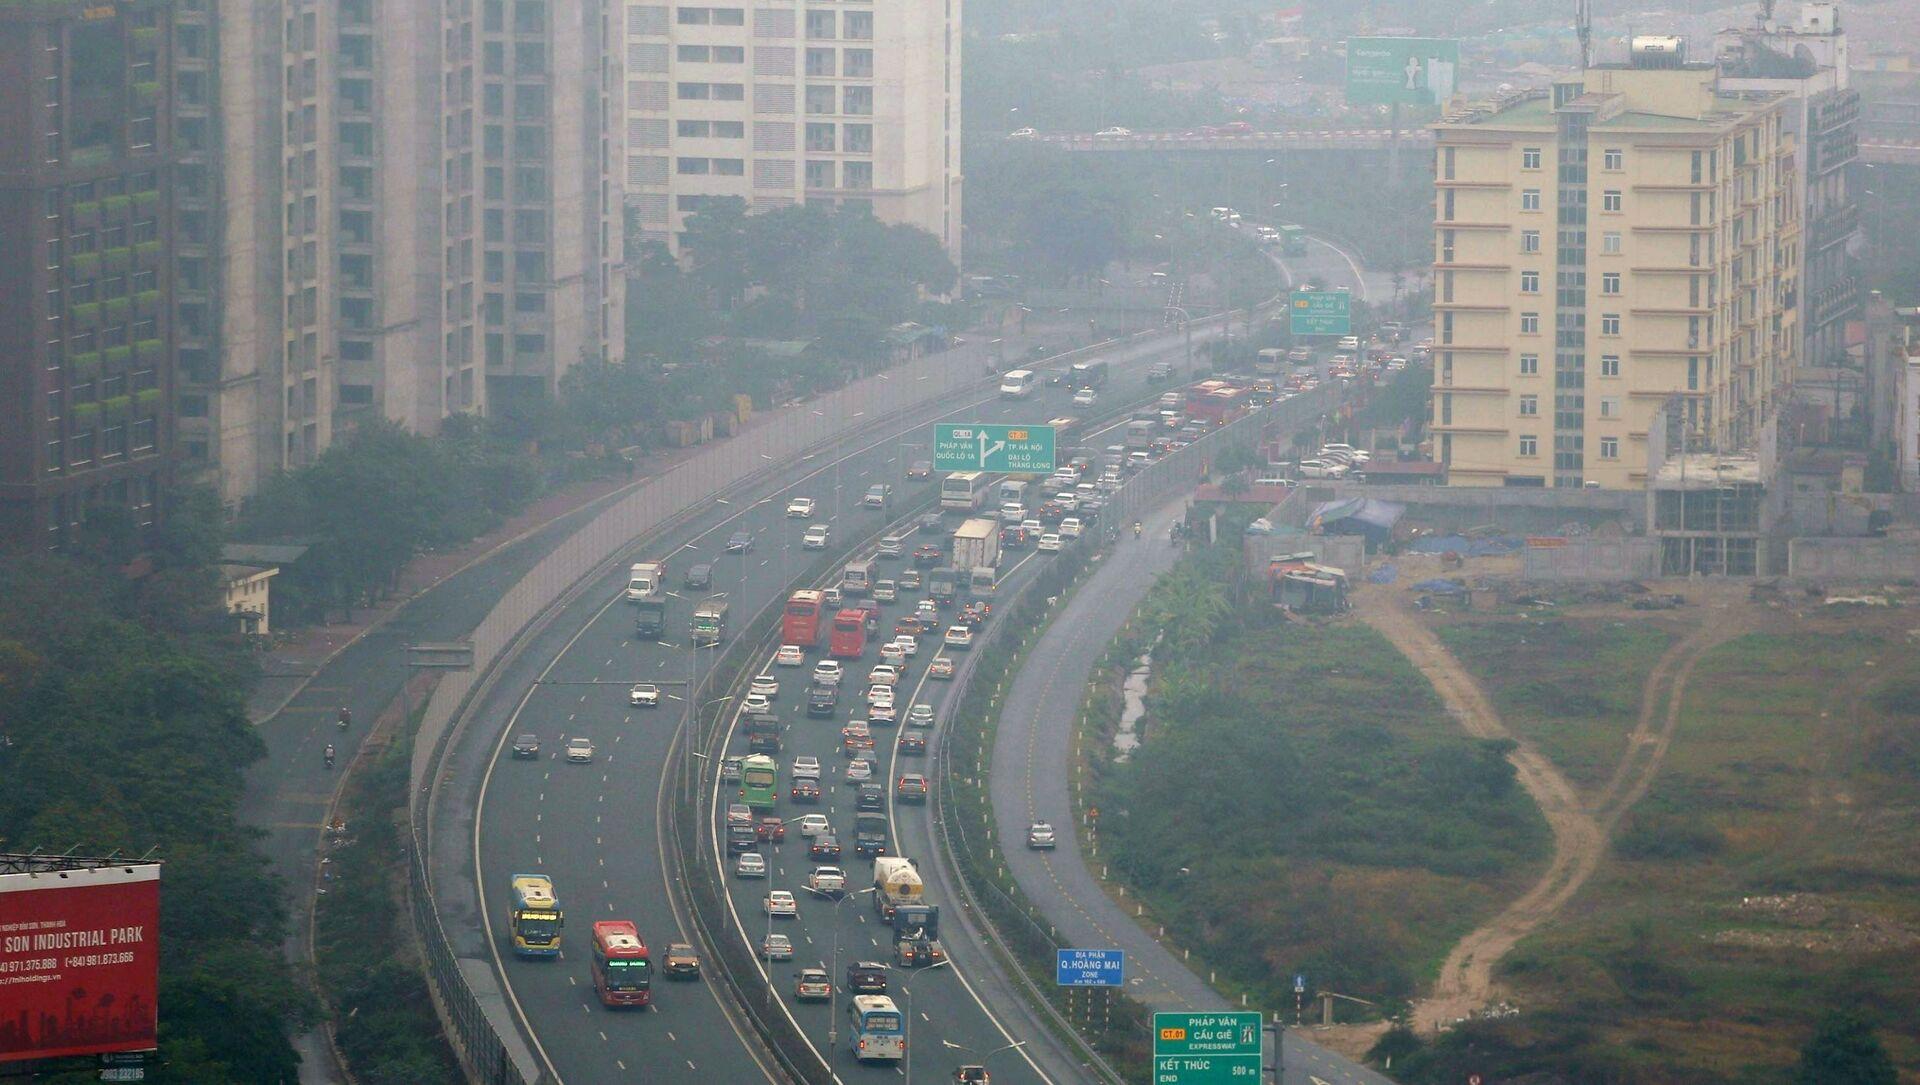 Tuyến cao tốc Pháp Vân - Cầu Giẽ - cửa ngõ phía Nam Thủ đô chiều 16/2 tuy đông hơn ngày thường nhưng không kín đặc  phương tiện như mọi năm.  - Sputnik Việt Nam, 1920, 23.03.2021